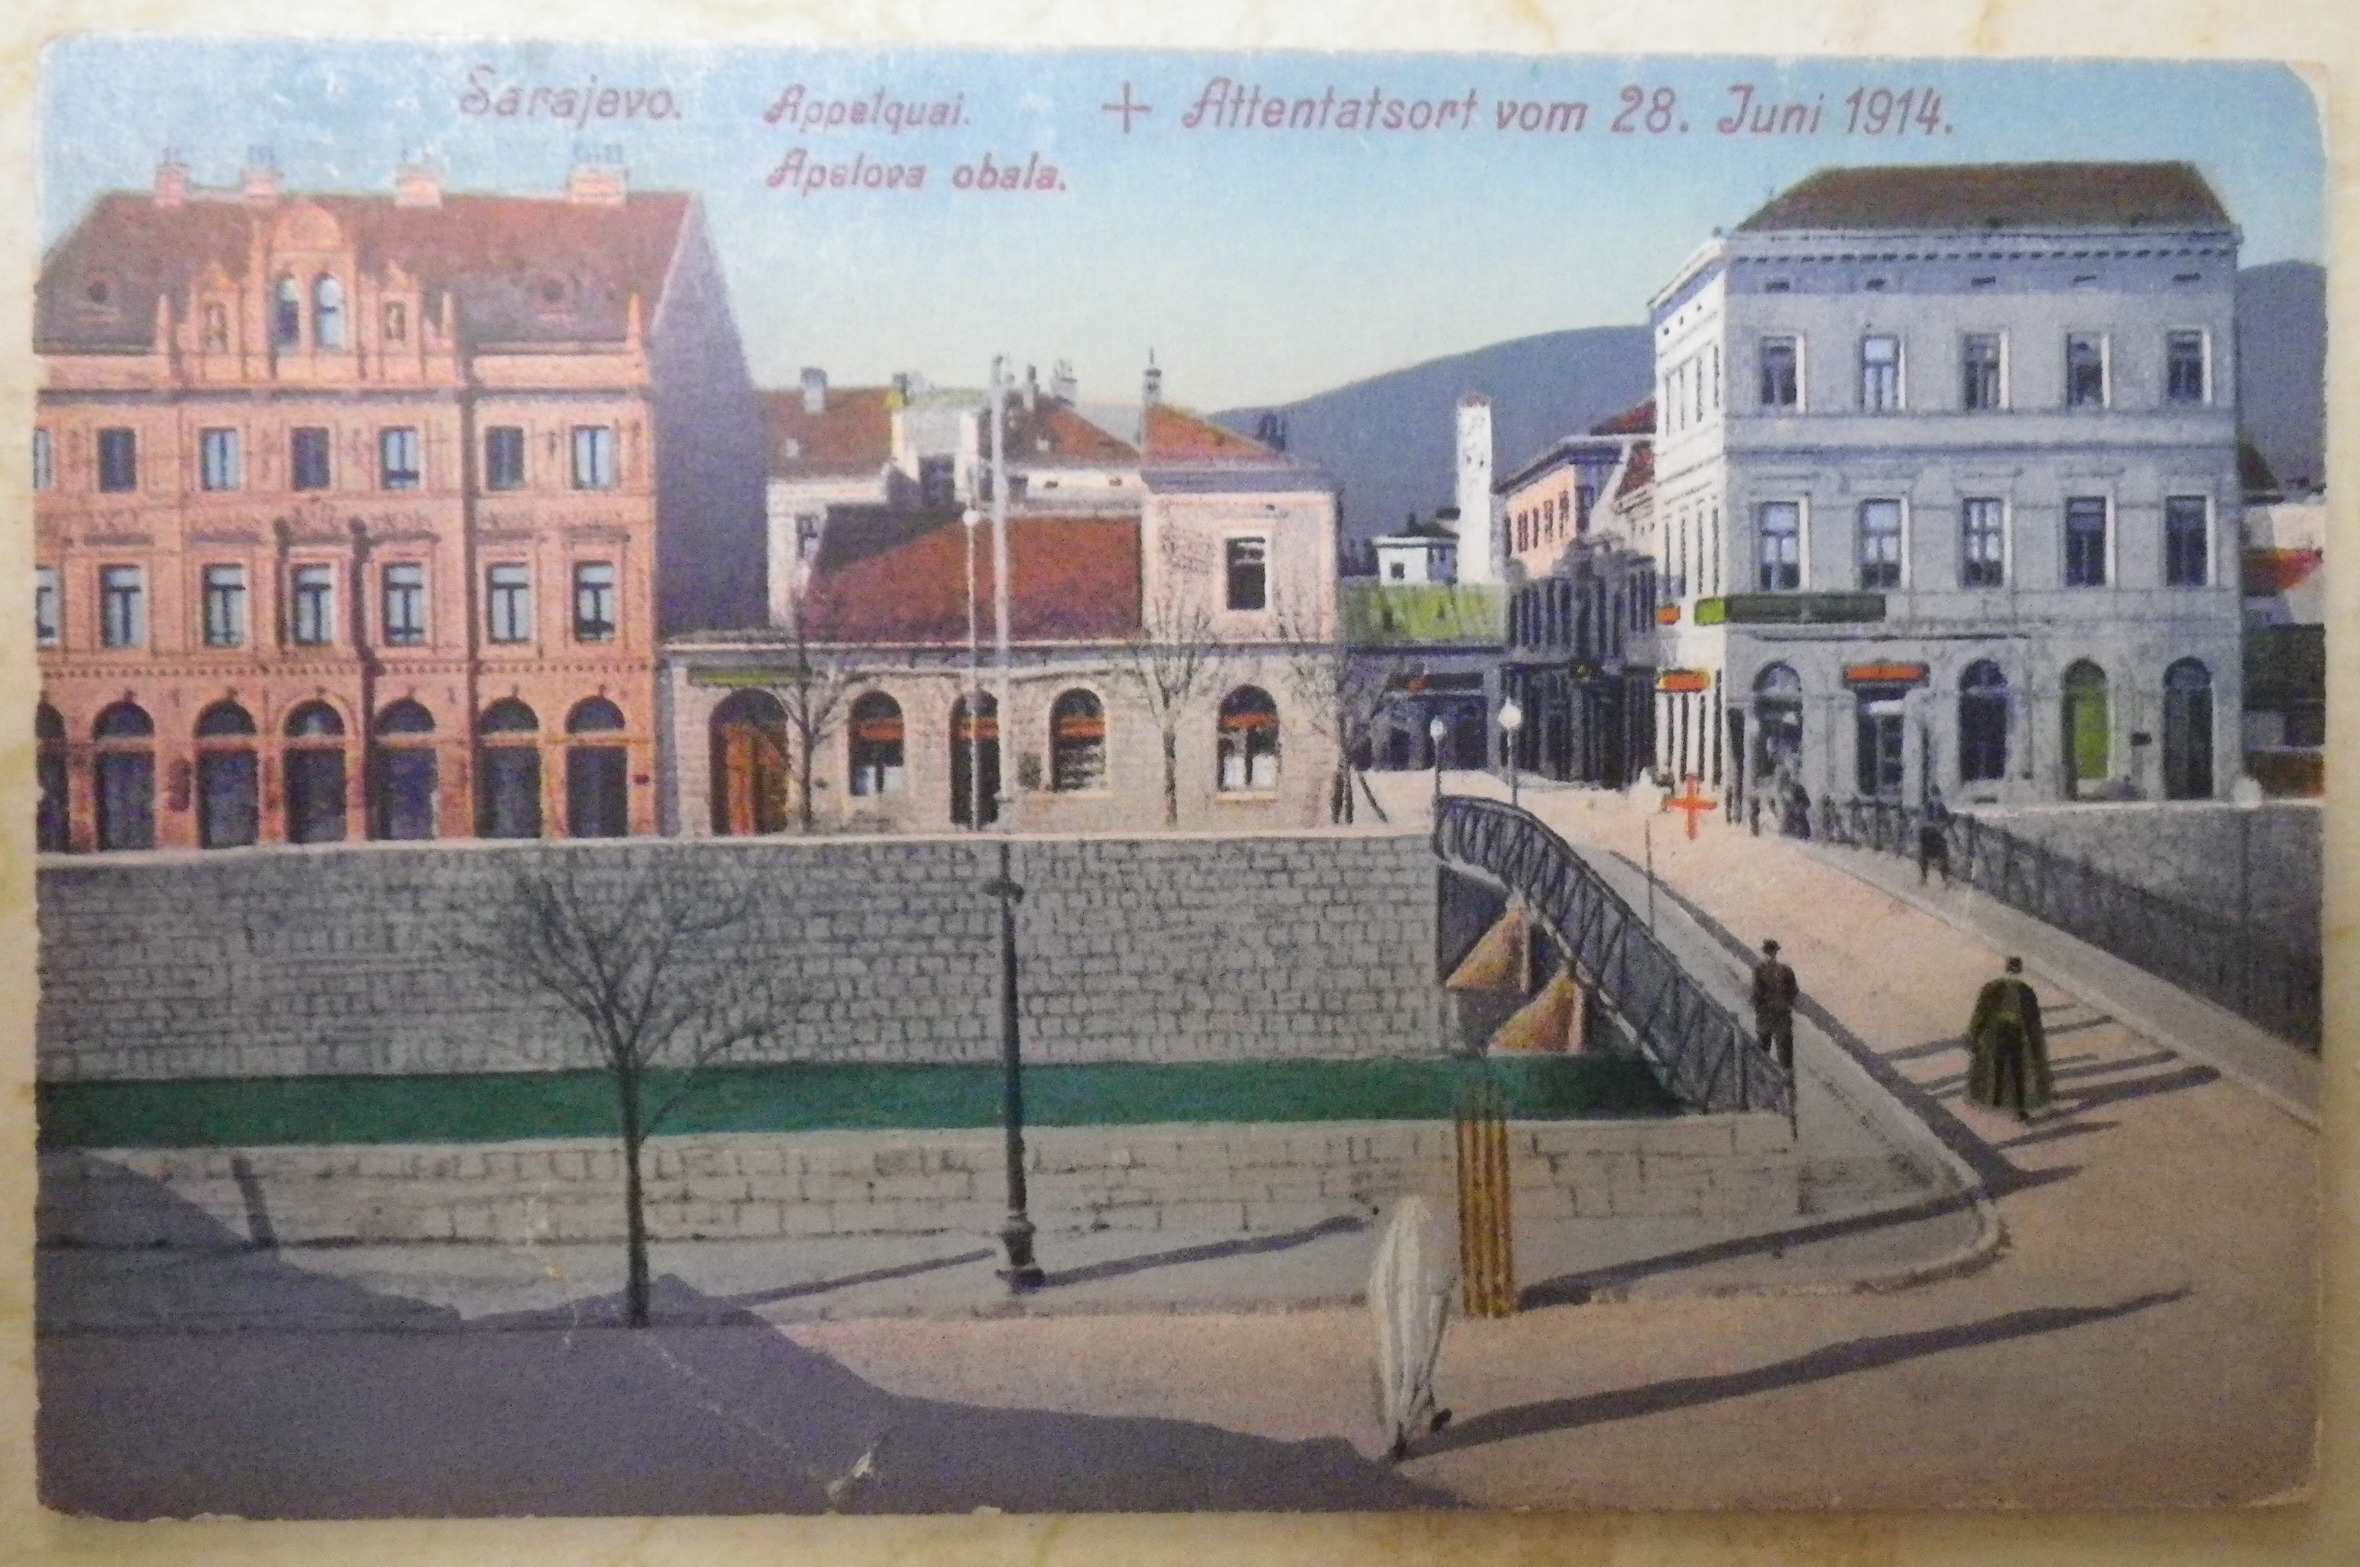 Képeslap Szarajevóból, rajta piros kereszttel megjelölve a hely, ahol Ferenc Ferdinándot meggyilkolták 1914. június 28-án.